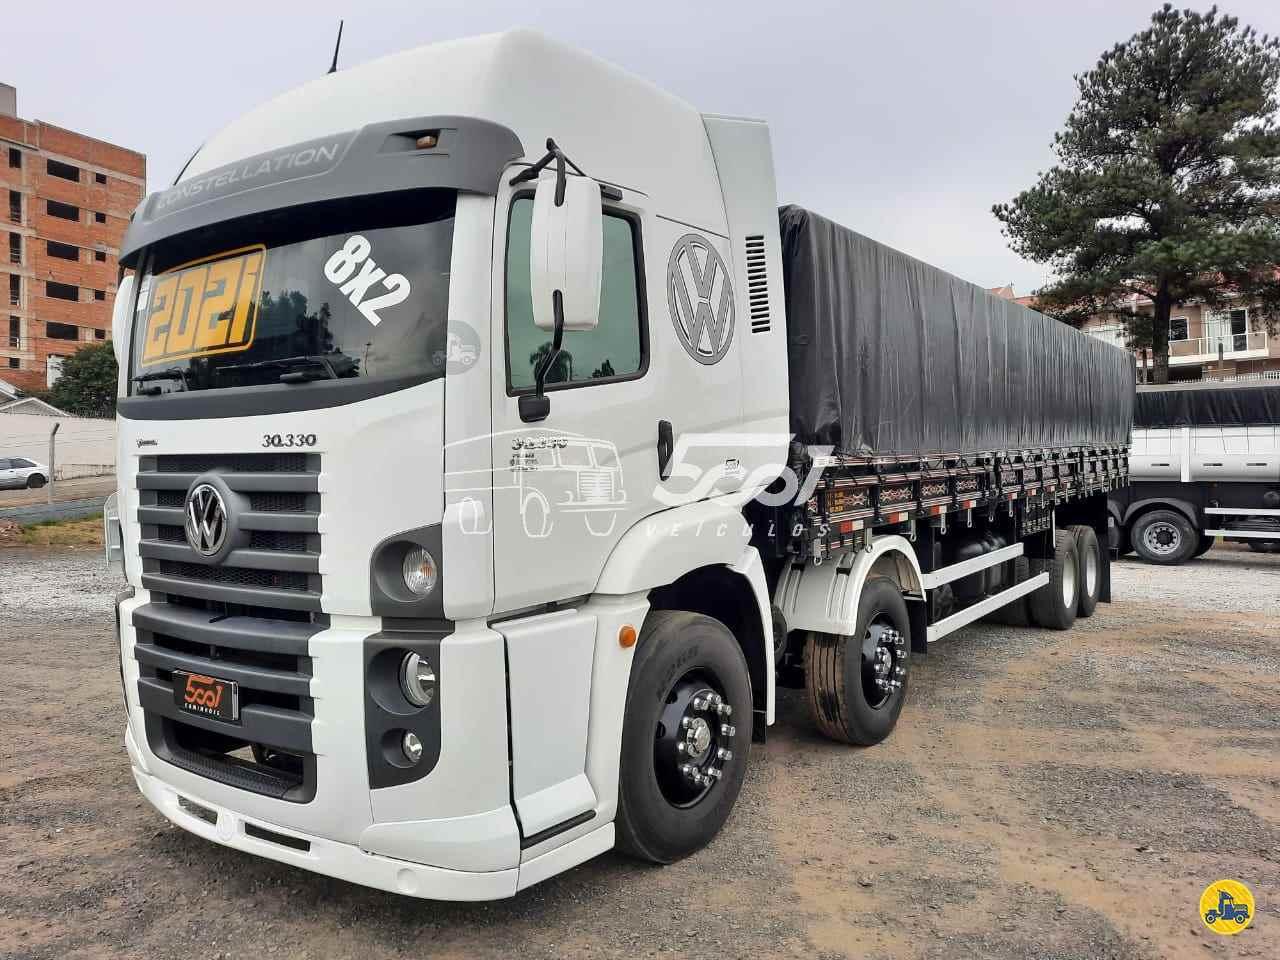 CAMINHAO VOLKSWAGEN VW 30330 Graneleiro BiTruck 8x2 5001 Veículos - Ponta Grossa PONTA GROSSA PARANÁ PR